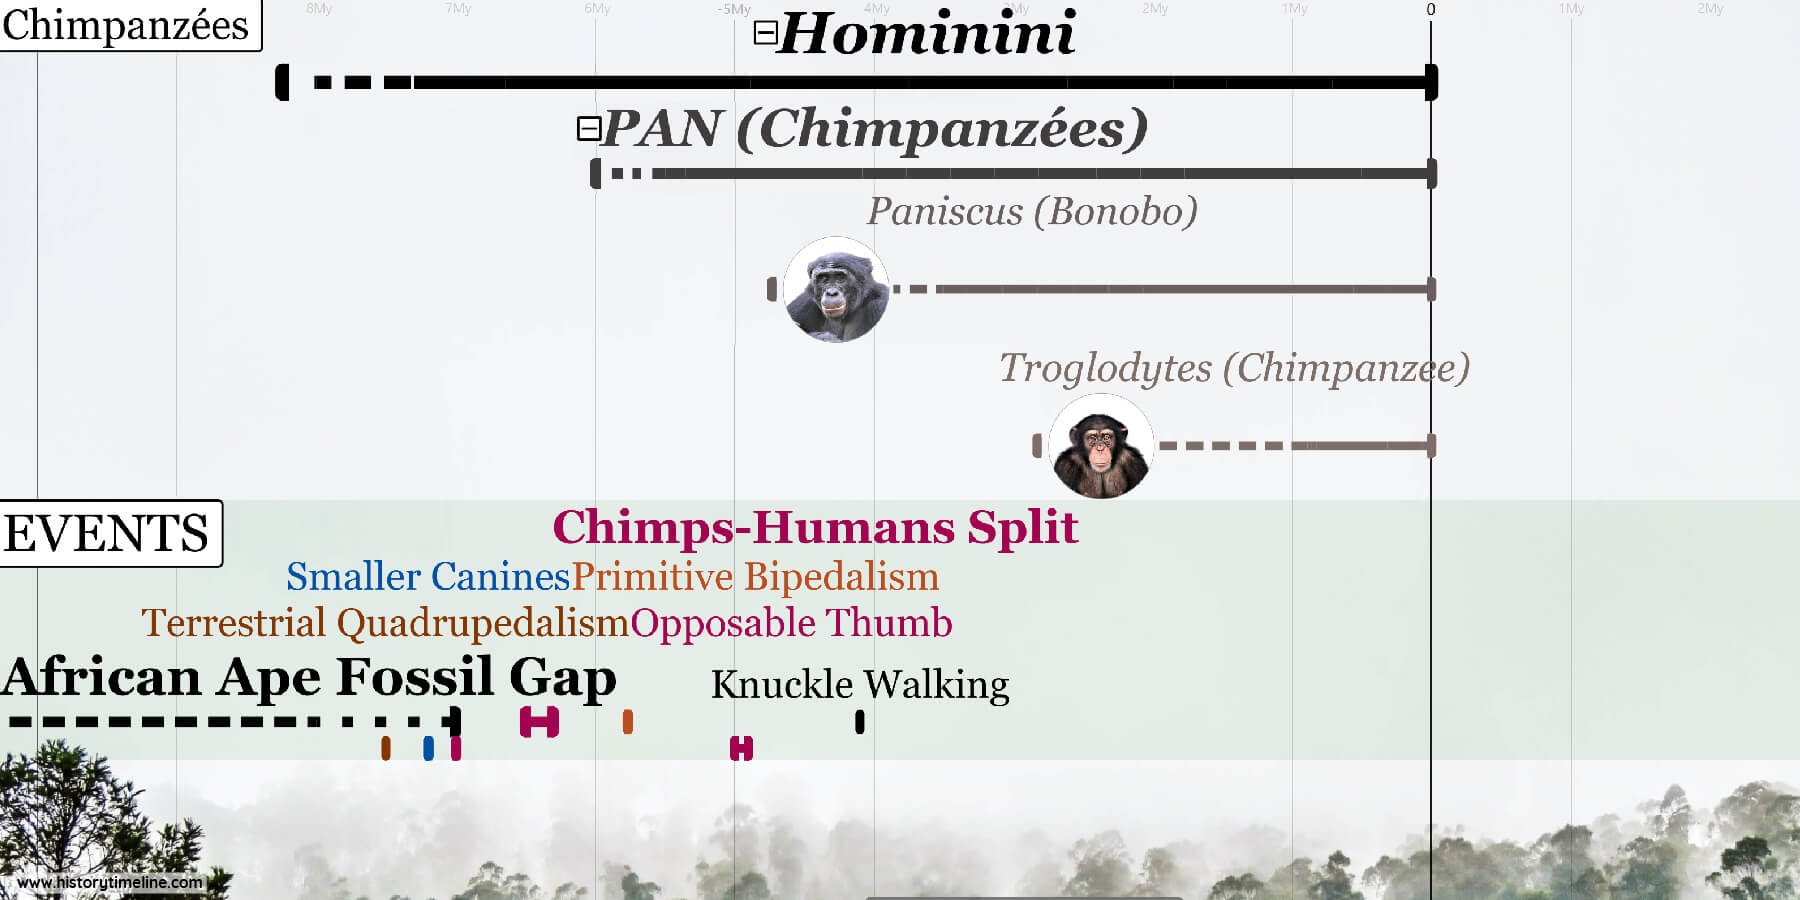 Evolution of Chimps